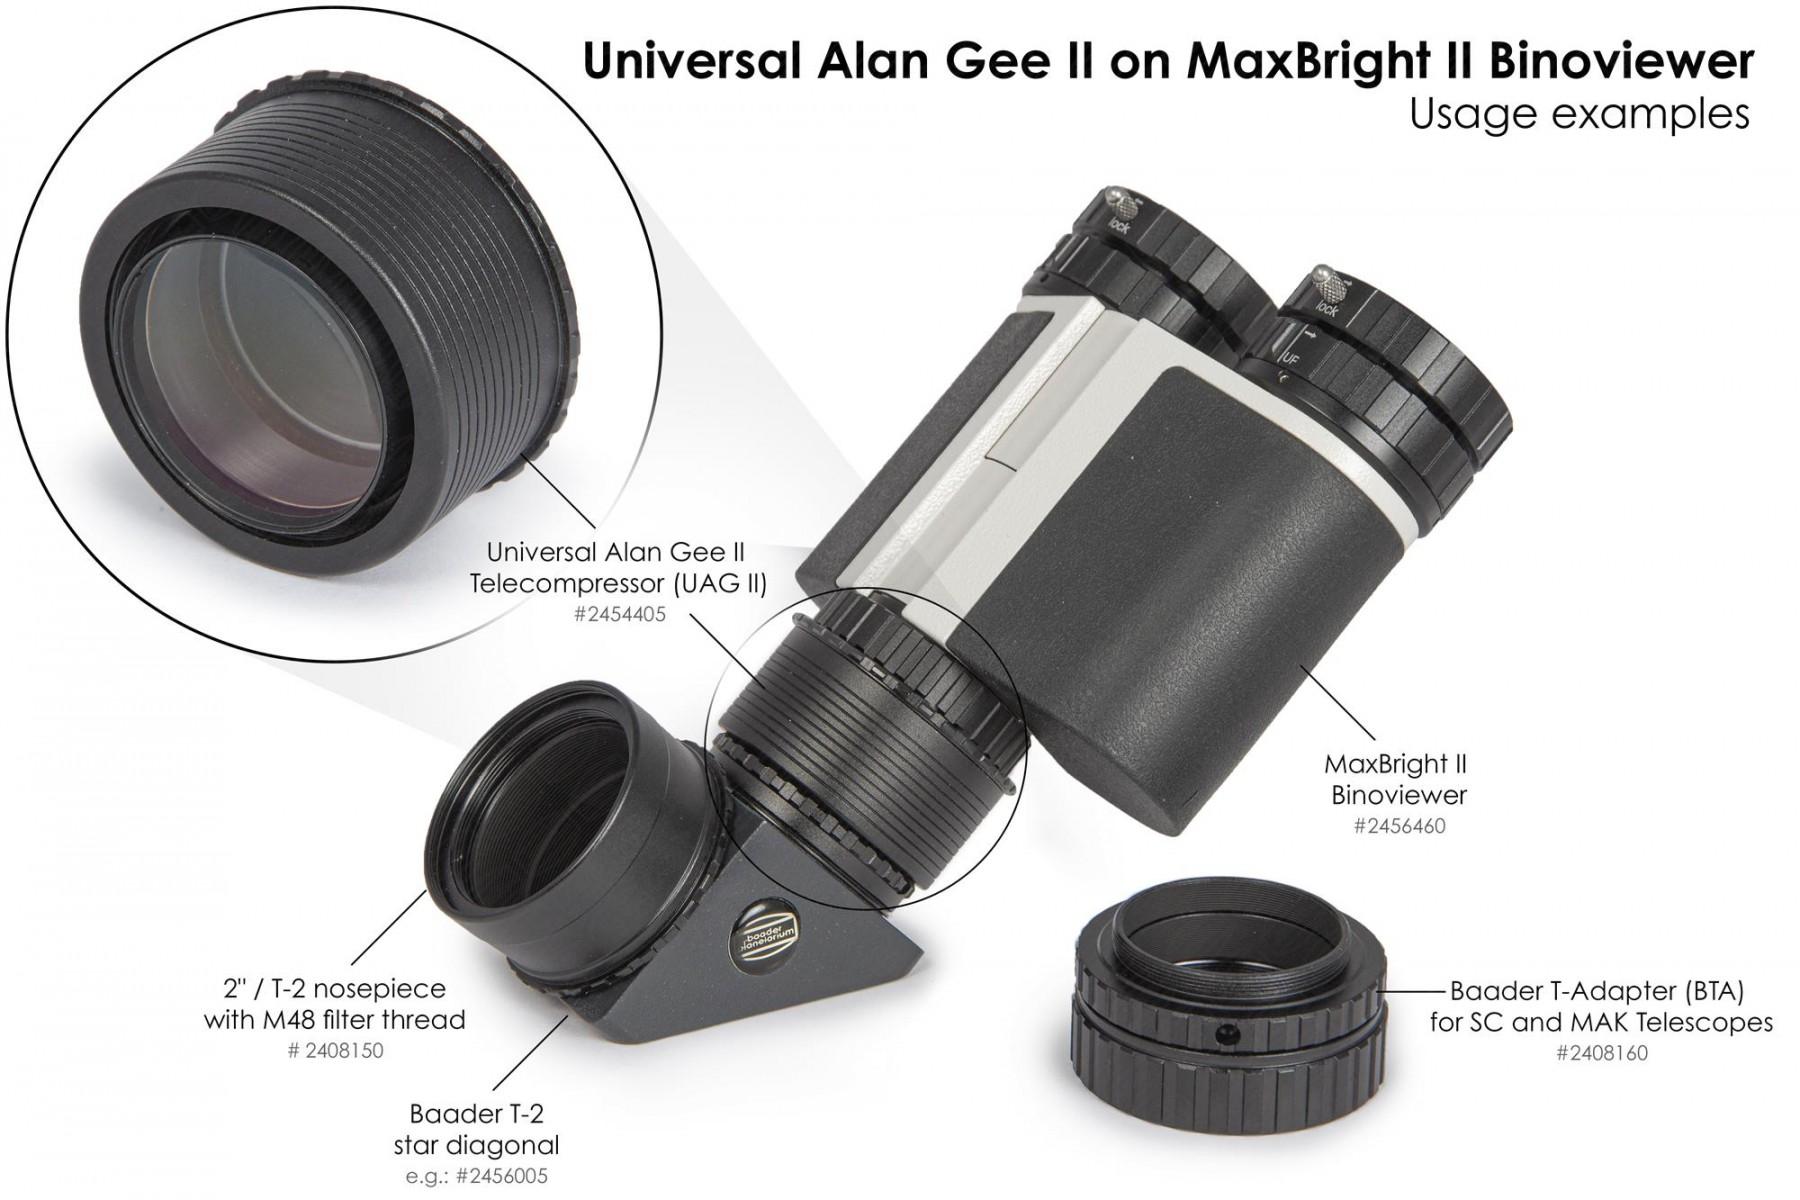 """Application image: Universal Alan Gee II #2454405 - Maxbright #2456460 SetUp 7 mit 2""""/T-2 Steckanschluss mit M48 Filtergewinde #2408150, T-2 Zenitspiegel #2456005 und BTA für SC und MAK Teleskope #2408160"""